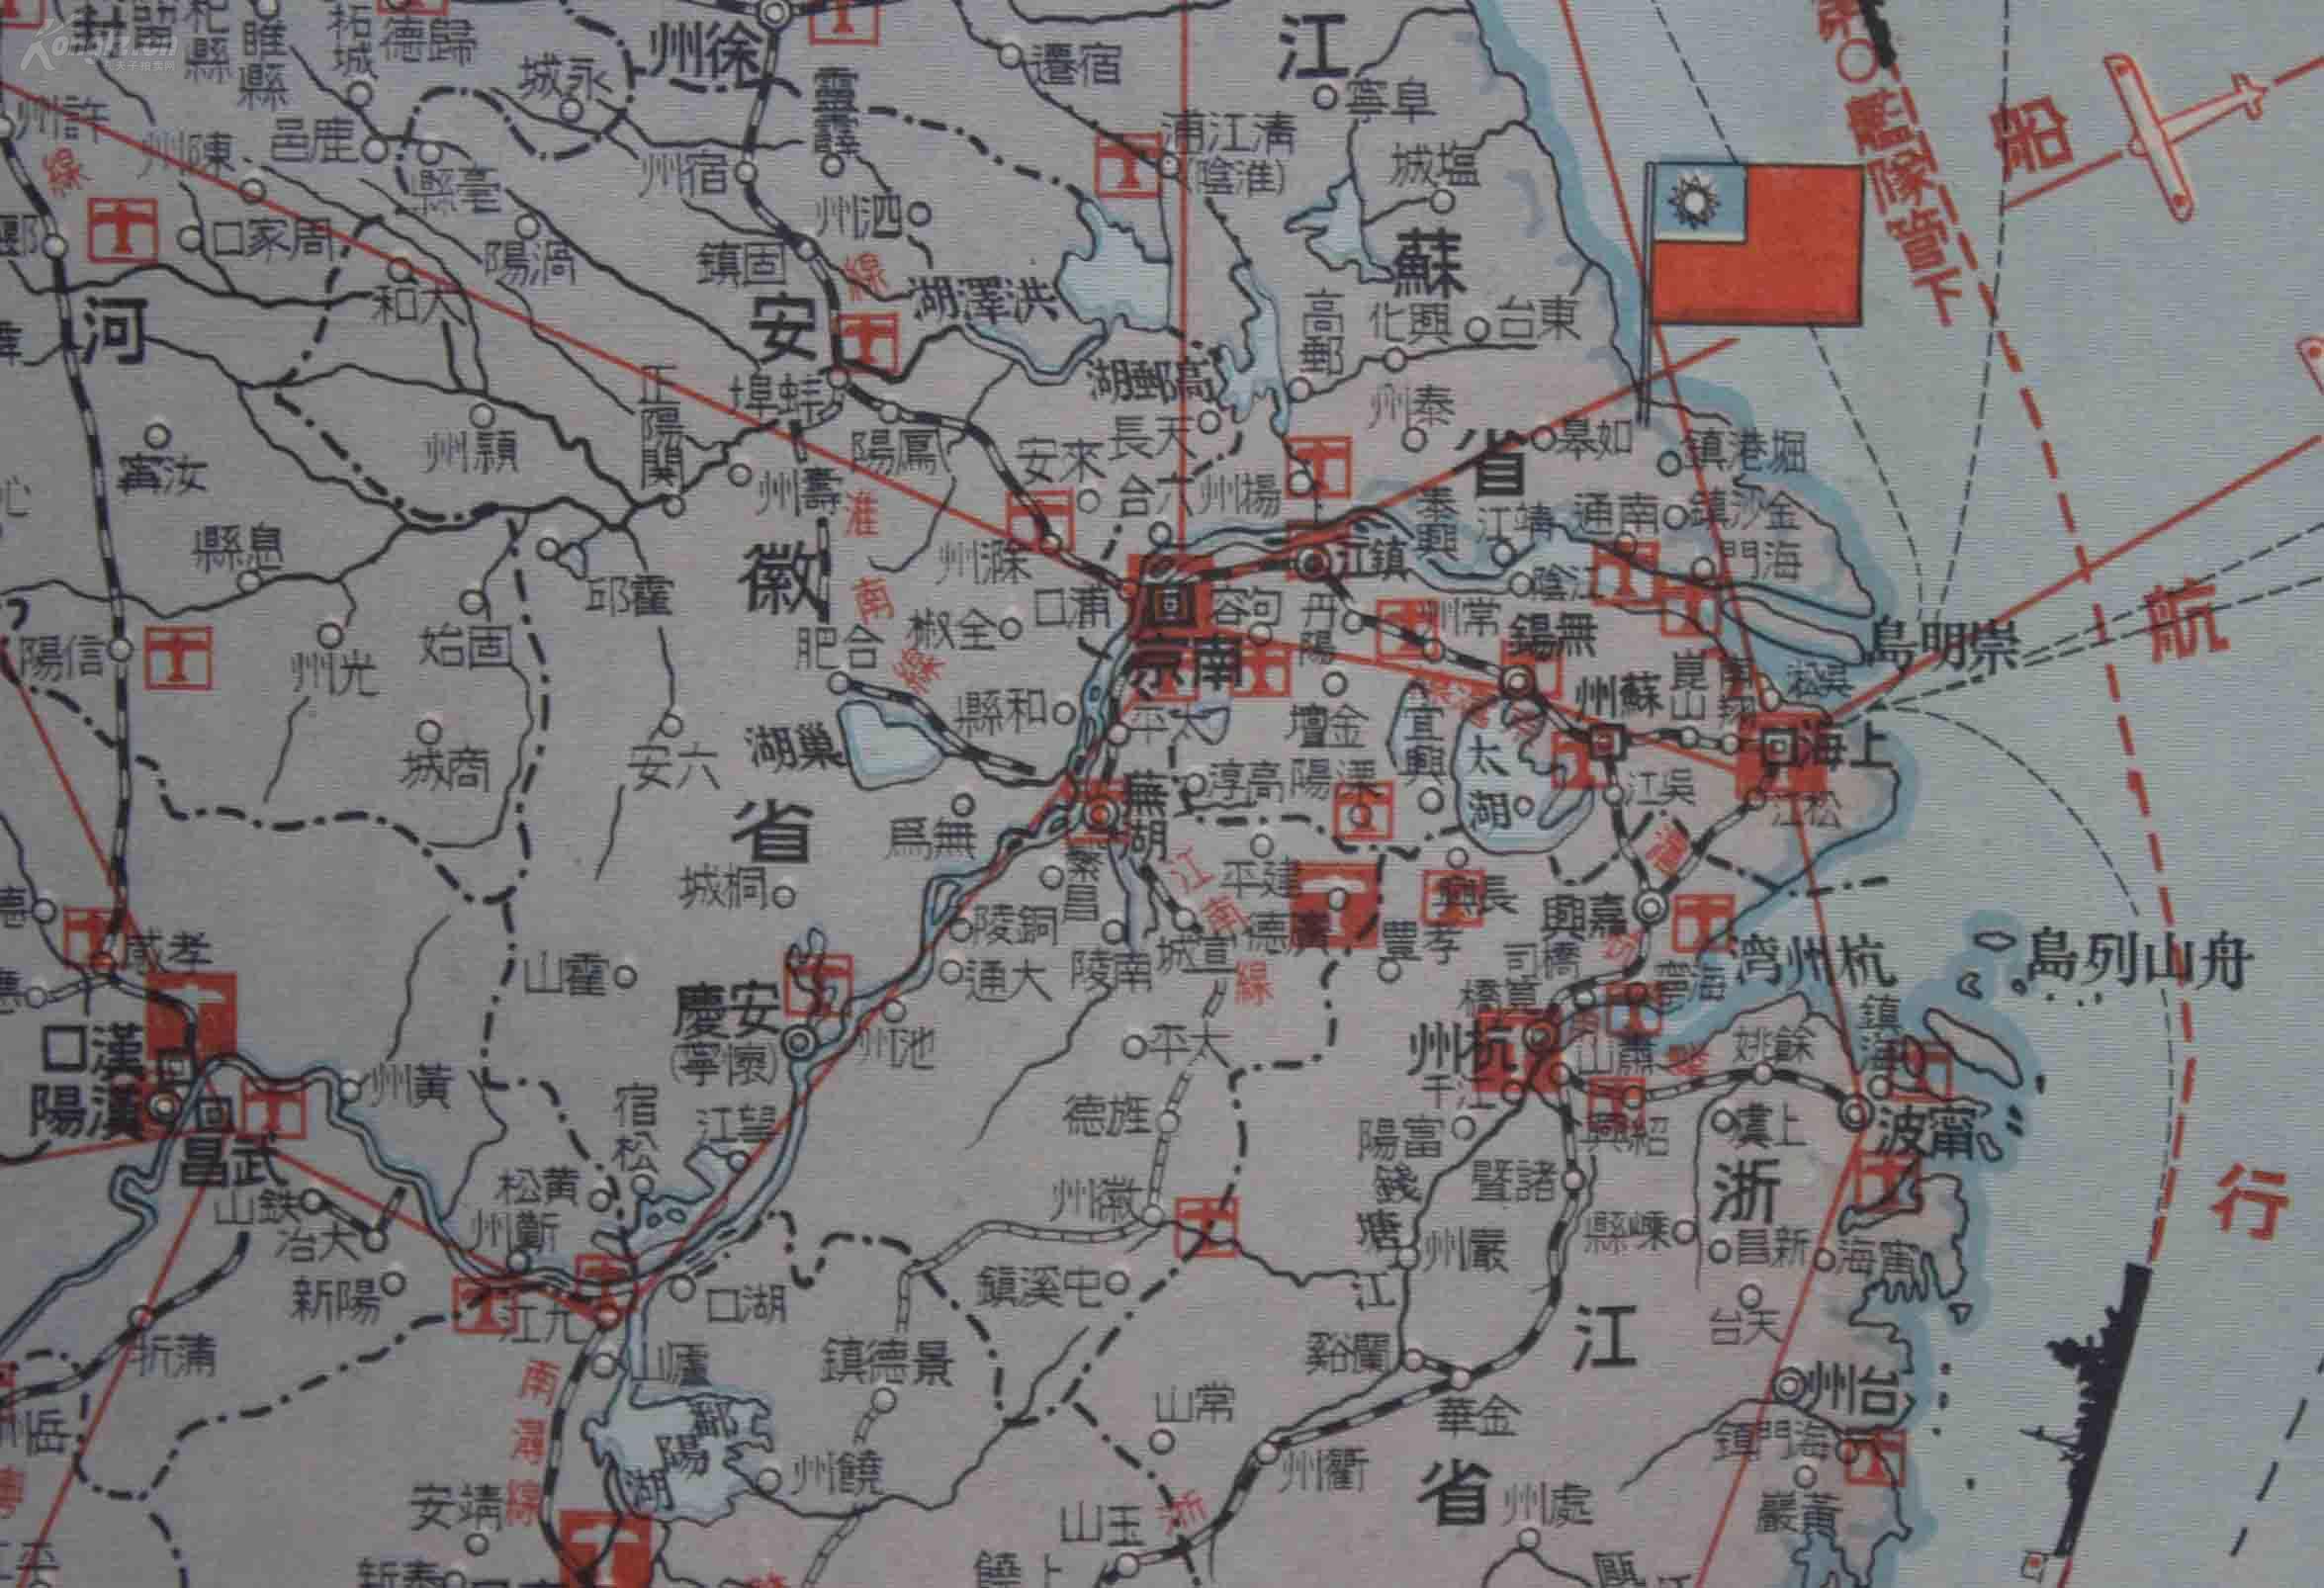 侵华史料 民国地图:东亚军备现势明细图(1937年)附支那事变要览,标注图片